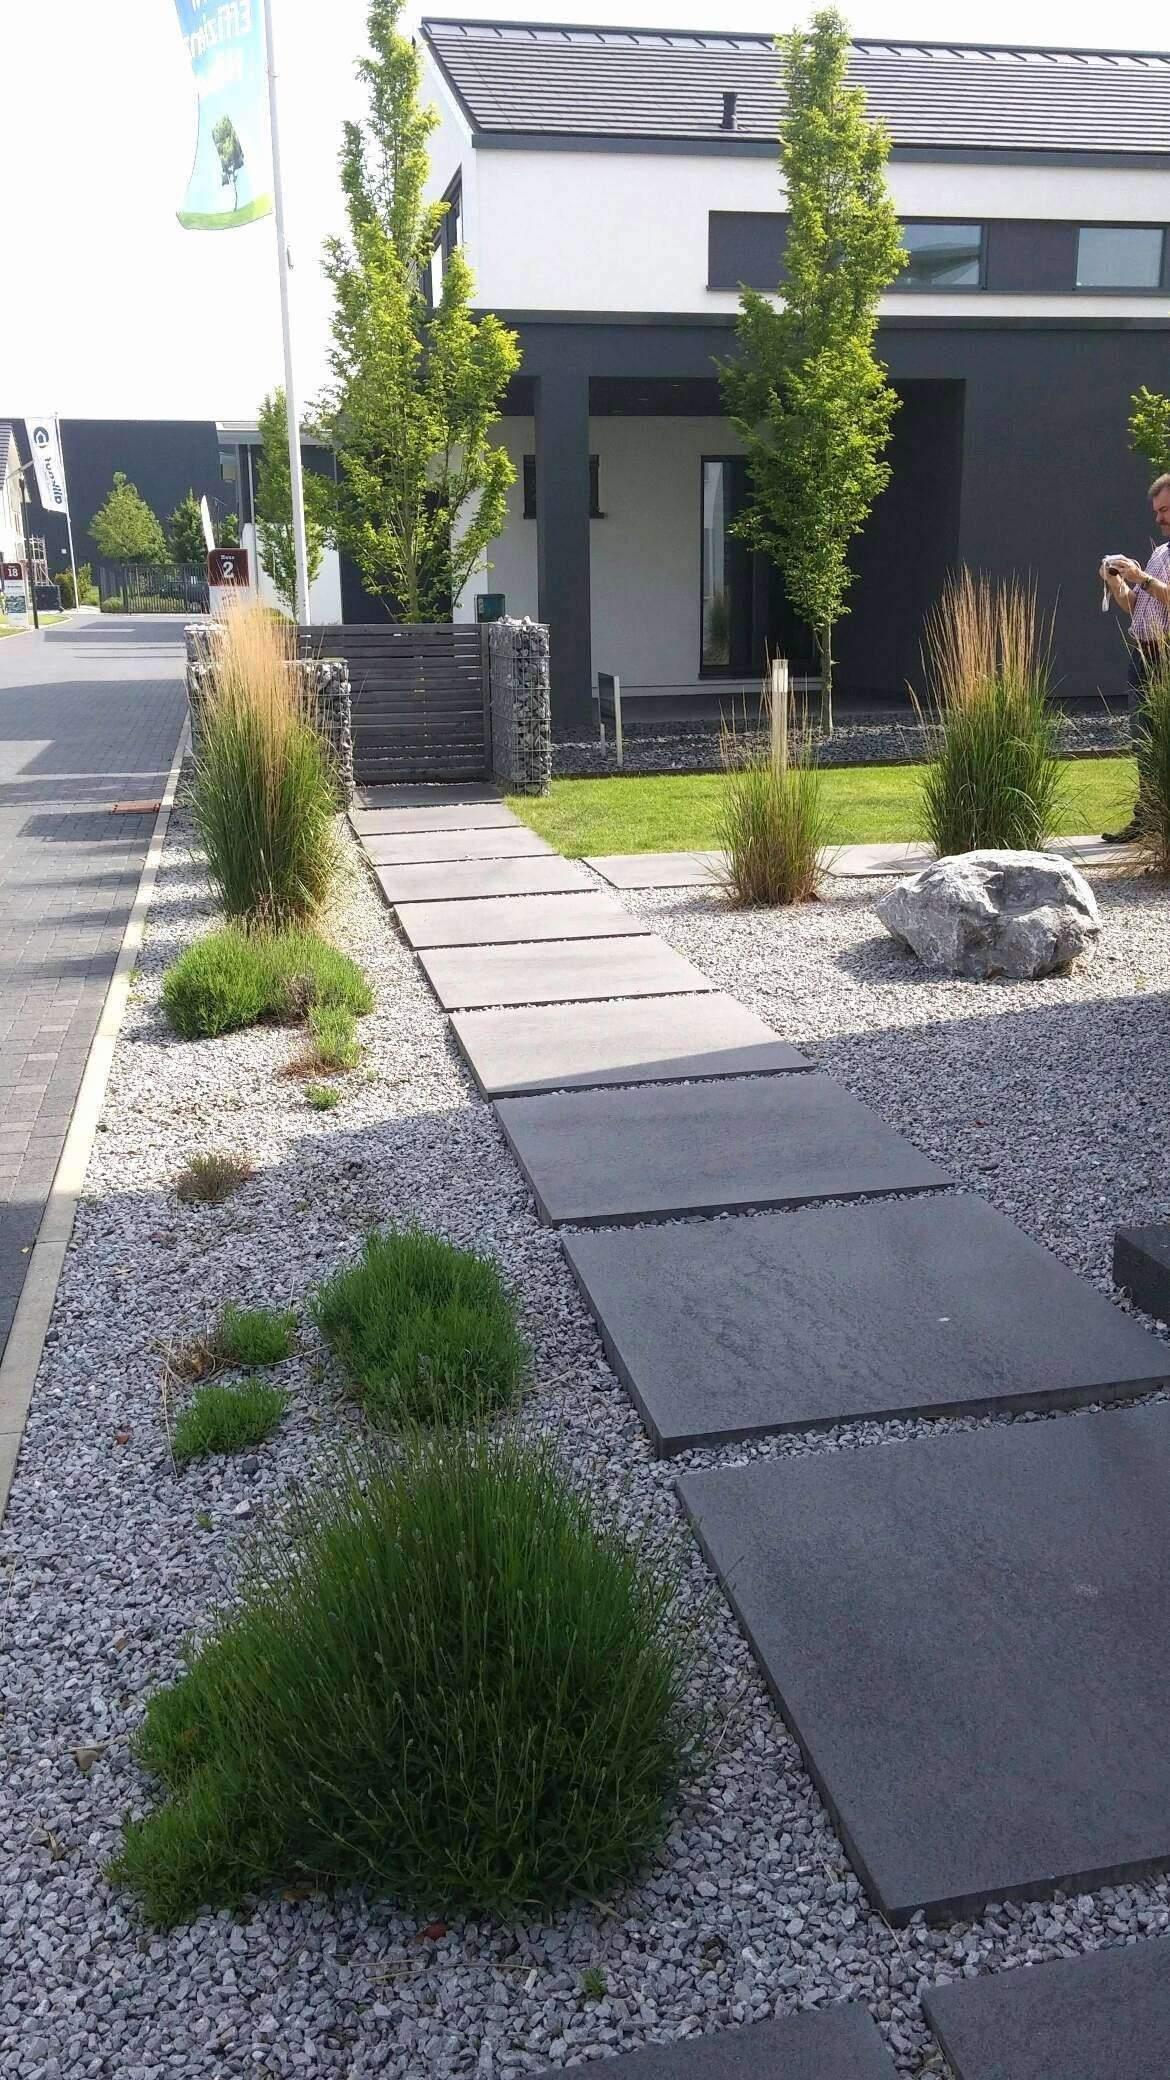 Wie Gestalte Ich Meinen Garten Genial Garten Ideas Garten Anlegen Lovely Aussenleuchten Garten 0d